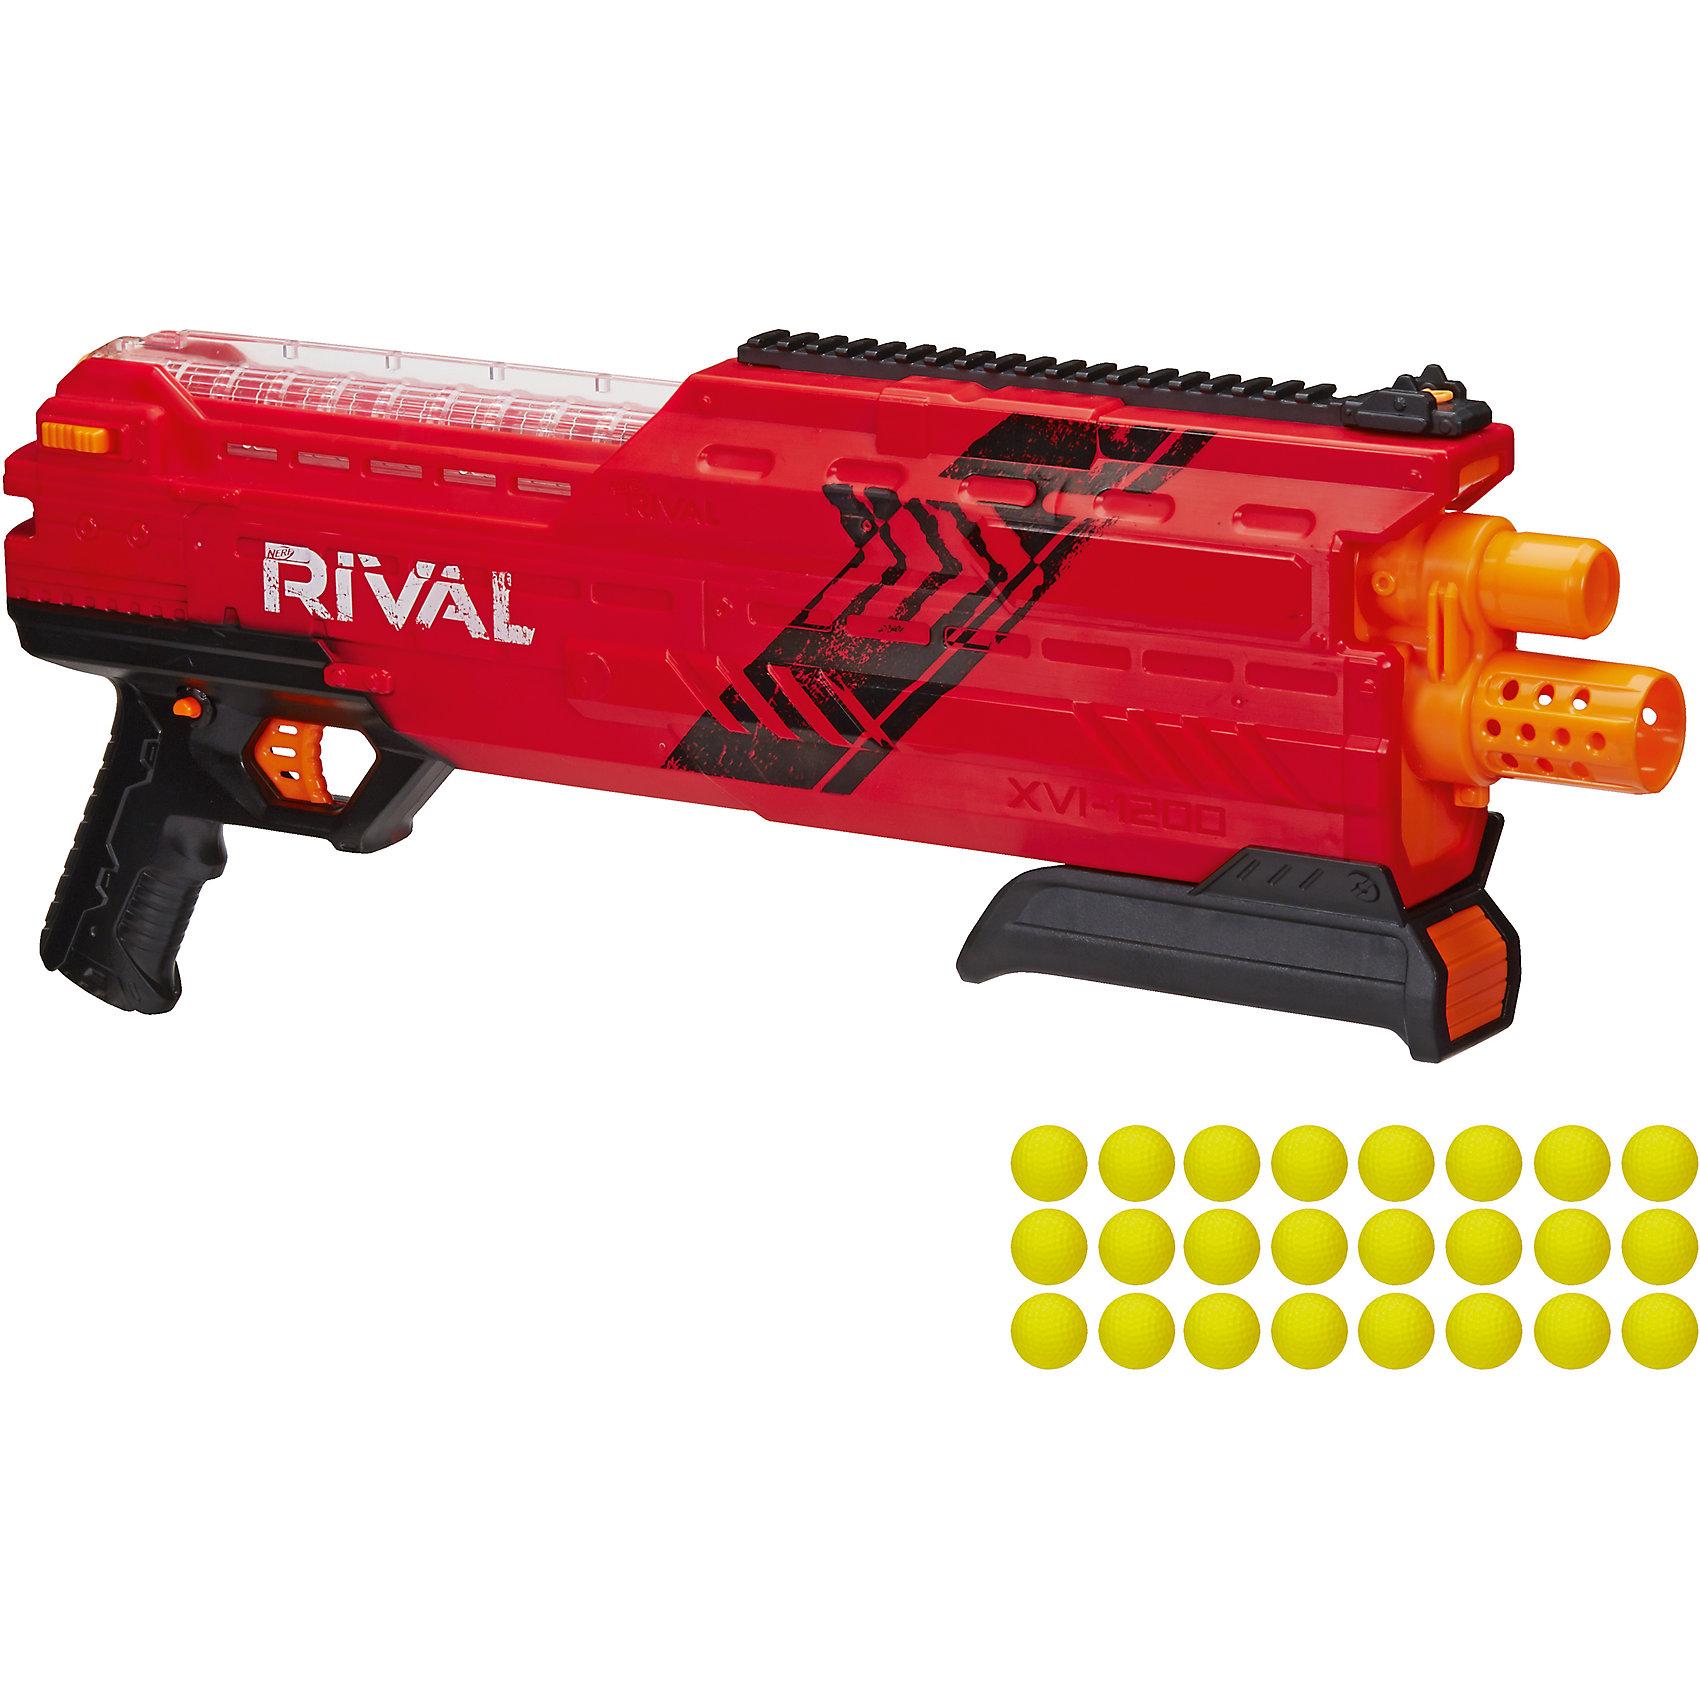 Бластер Райвал атлас, NERF, красныйБластеры, пистолеты и прочее<br>Бластер Райвал атлас, NERF (Нерф), красный<br><br>Характеристики:<br><br>• стреляет шариками (входят в комплект)<br>• обойма рассчитана на 12 шариков<br>• в комплекте: бластер, обойма, 24 шарика<br>• материал: пластик<br>• размер упаковки: 66х8,5х25,5 см<br>• вес: 1,6 кг<br>• цвет: красный<br><br>С бластером Райвал атлас можно устроить веселую перестрелку с друзьями! Бластер стреляет шариками. Одна обойма рассчитана на 12 шариков. К бластеру прилагаются 24 шарика. Прозрачный магазин позволит отследить количество патронов и вовремя пополнить боезапас. Бластер выполнен в современном дизайне, напоминающем короткоствольный дробовик. Выстреливает одновременно двумя патронами. С таким крутым бластером у противника не останется шансов на победу!<br><br>Бластер Райвал атлас, NERF (Нерф), красный можно купить в нашем интернет-магазине.<br><br>Ширина мм: 460<br>Глубина мм: 120<br>Высота мм: 220<br>Вес г: 1600<br>Возраст от месяцев: 168<br>Возраст до месяцев: 2147483647<br>Пол: Мужской<br>Возраст: Детский<br>SKU: 5512439